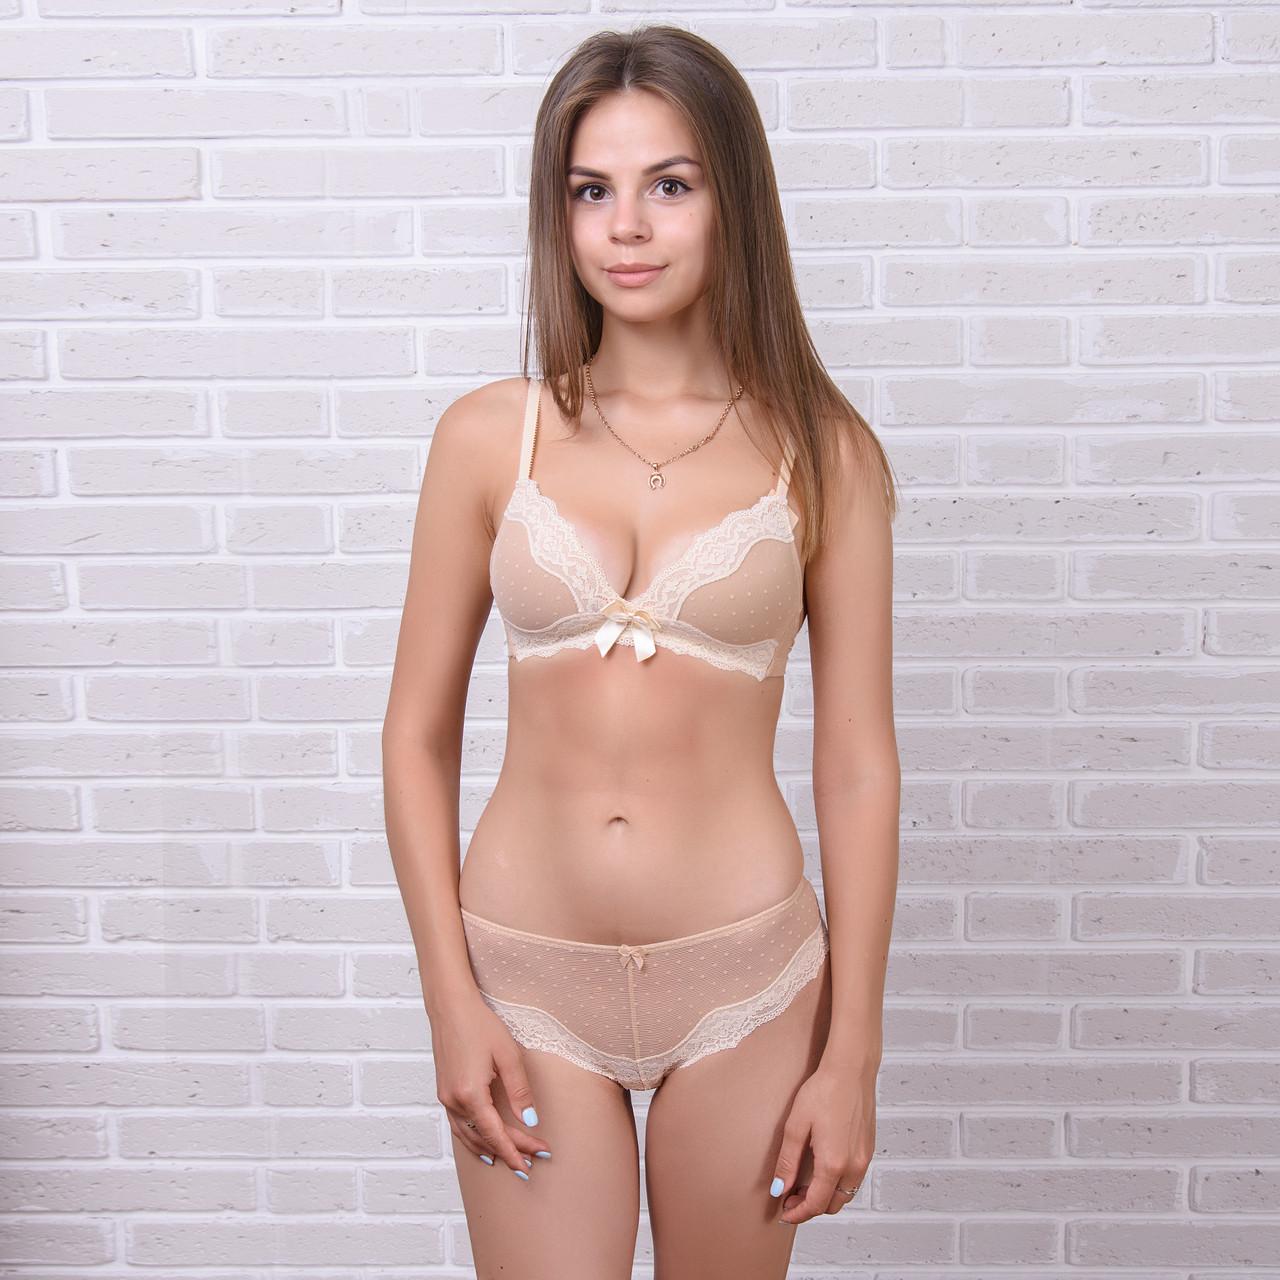 Й комплект белья женский кружевной: бюстгальтер и трусы мини-бикини Pinkdear 8302beige